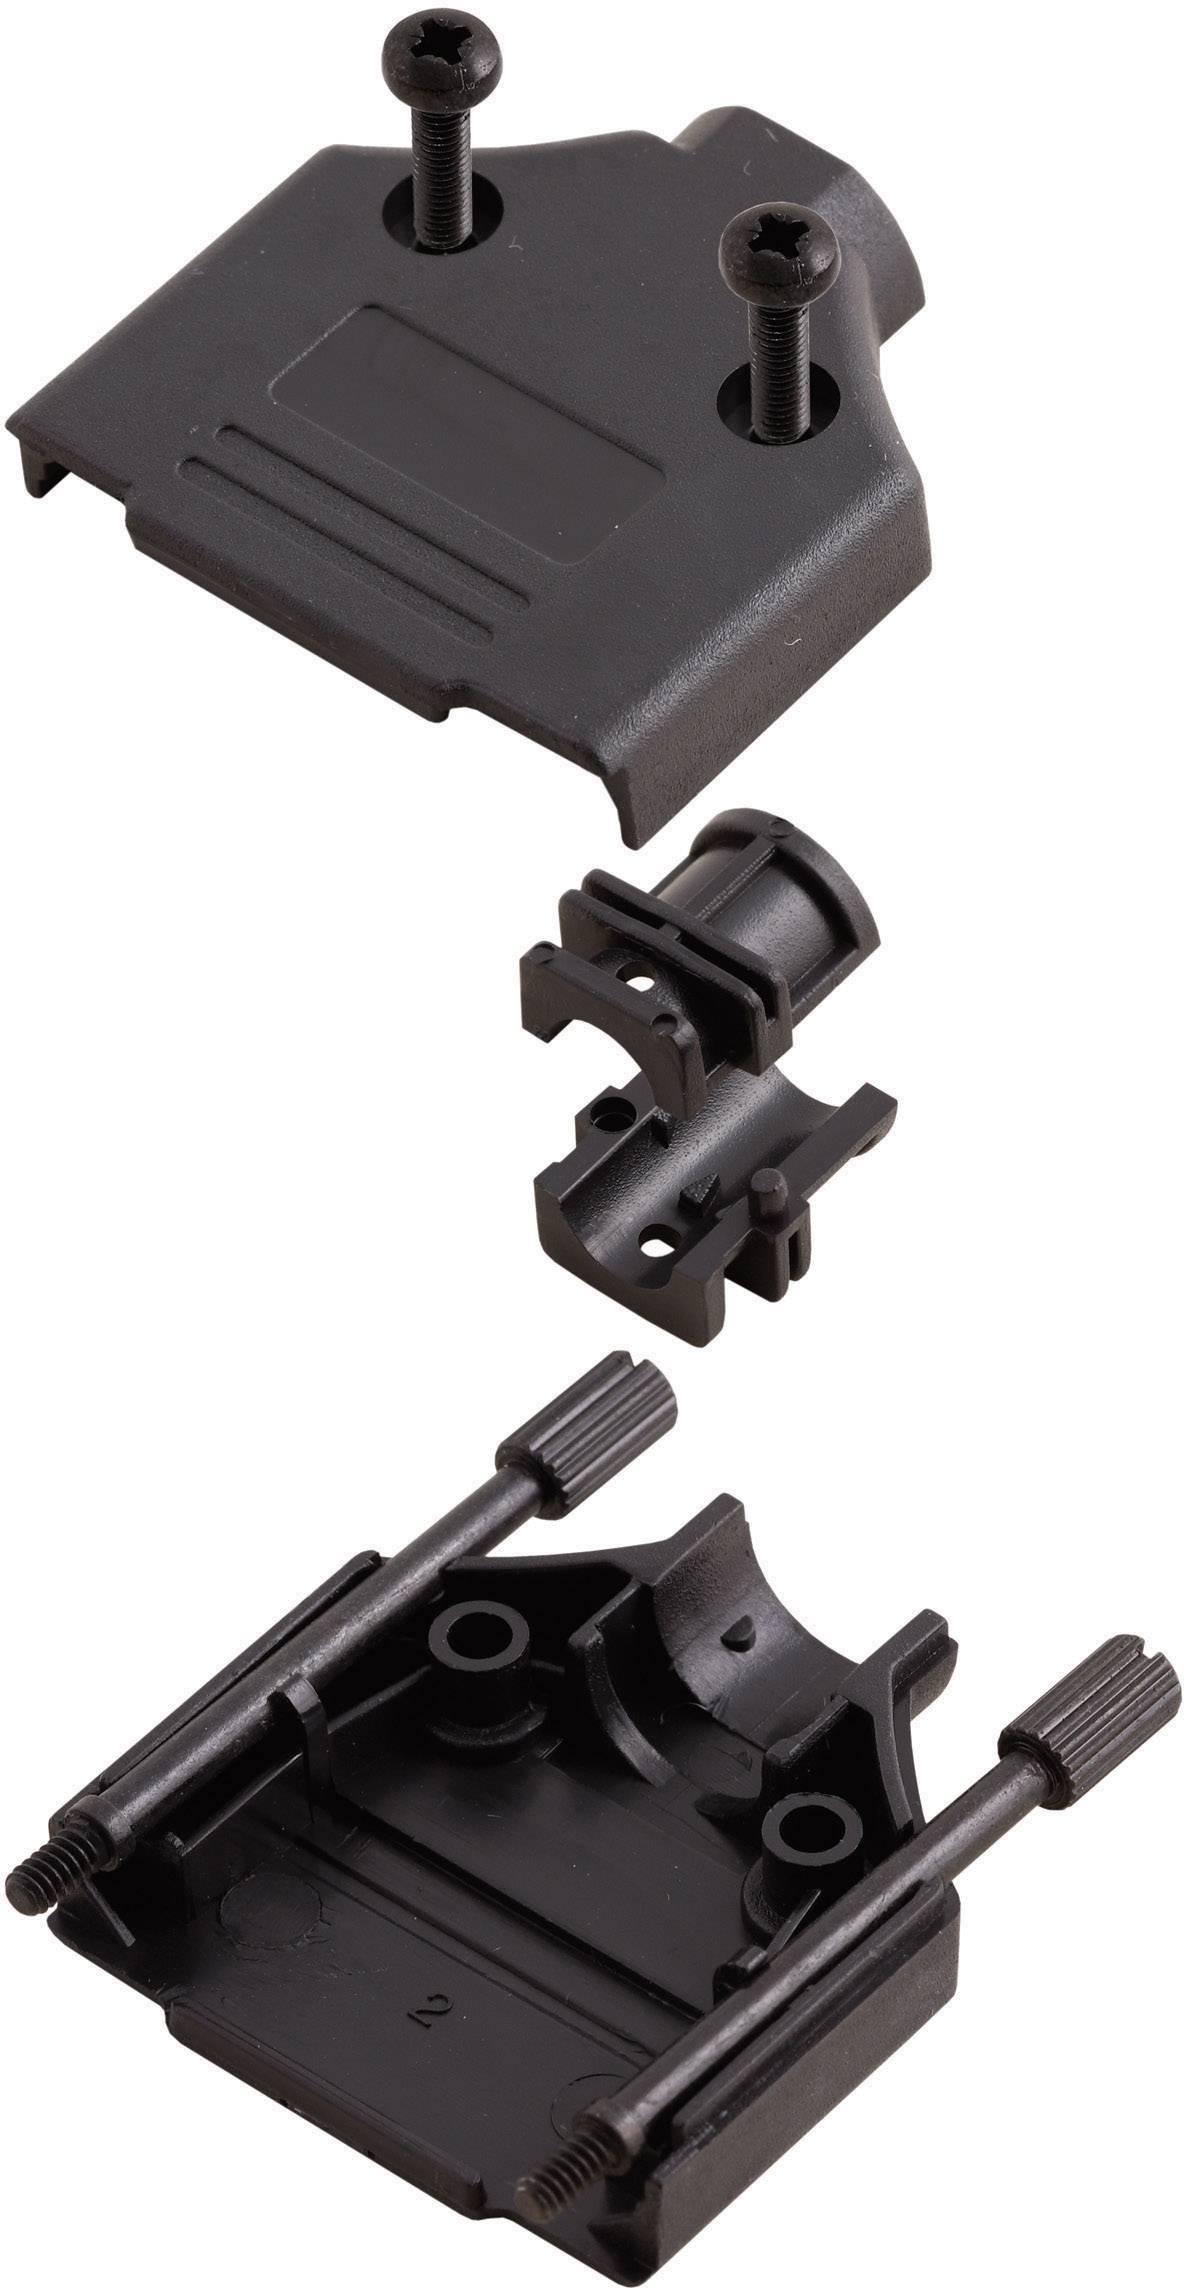 D-SUB pouzdro MH Connectors MHDTPPK-15-BK-K 6560-0108-02, Pólů: 15, plast, 180 °, černá, 1 ks